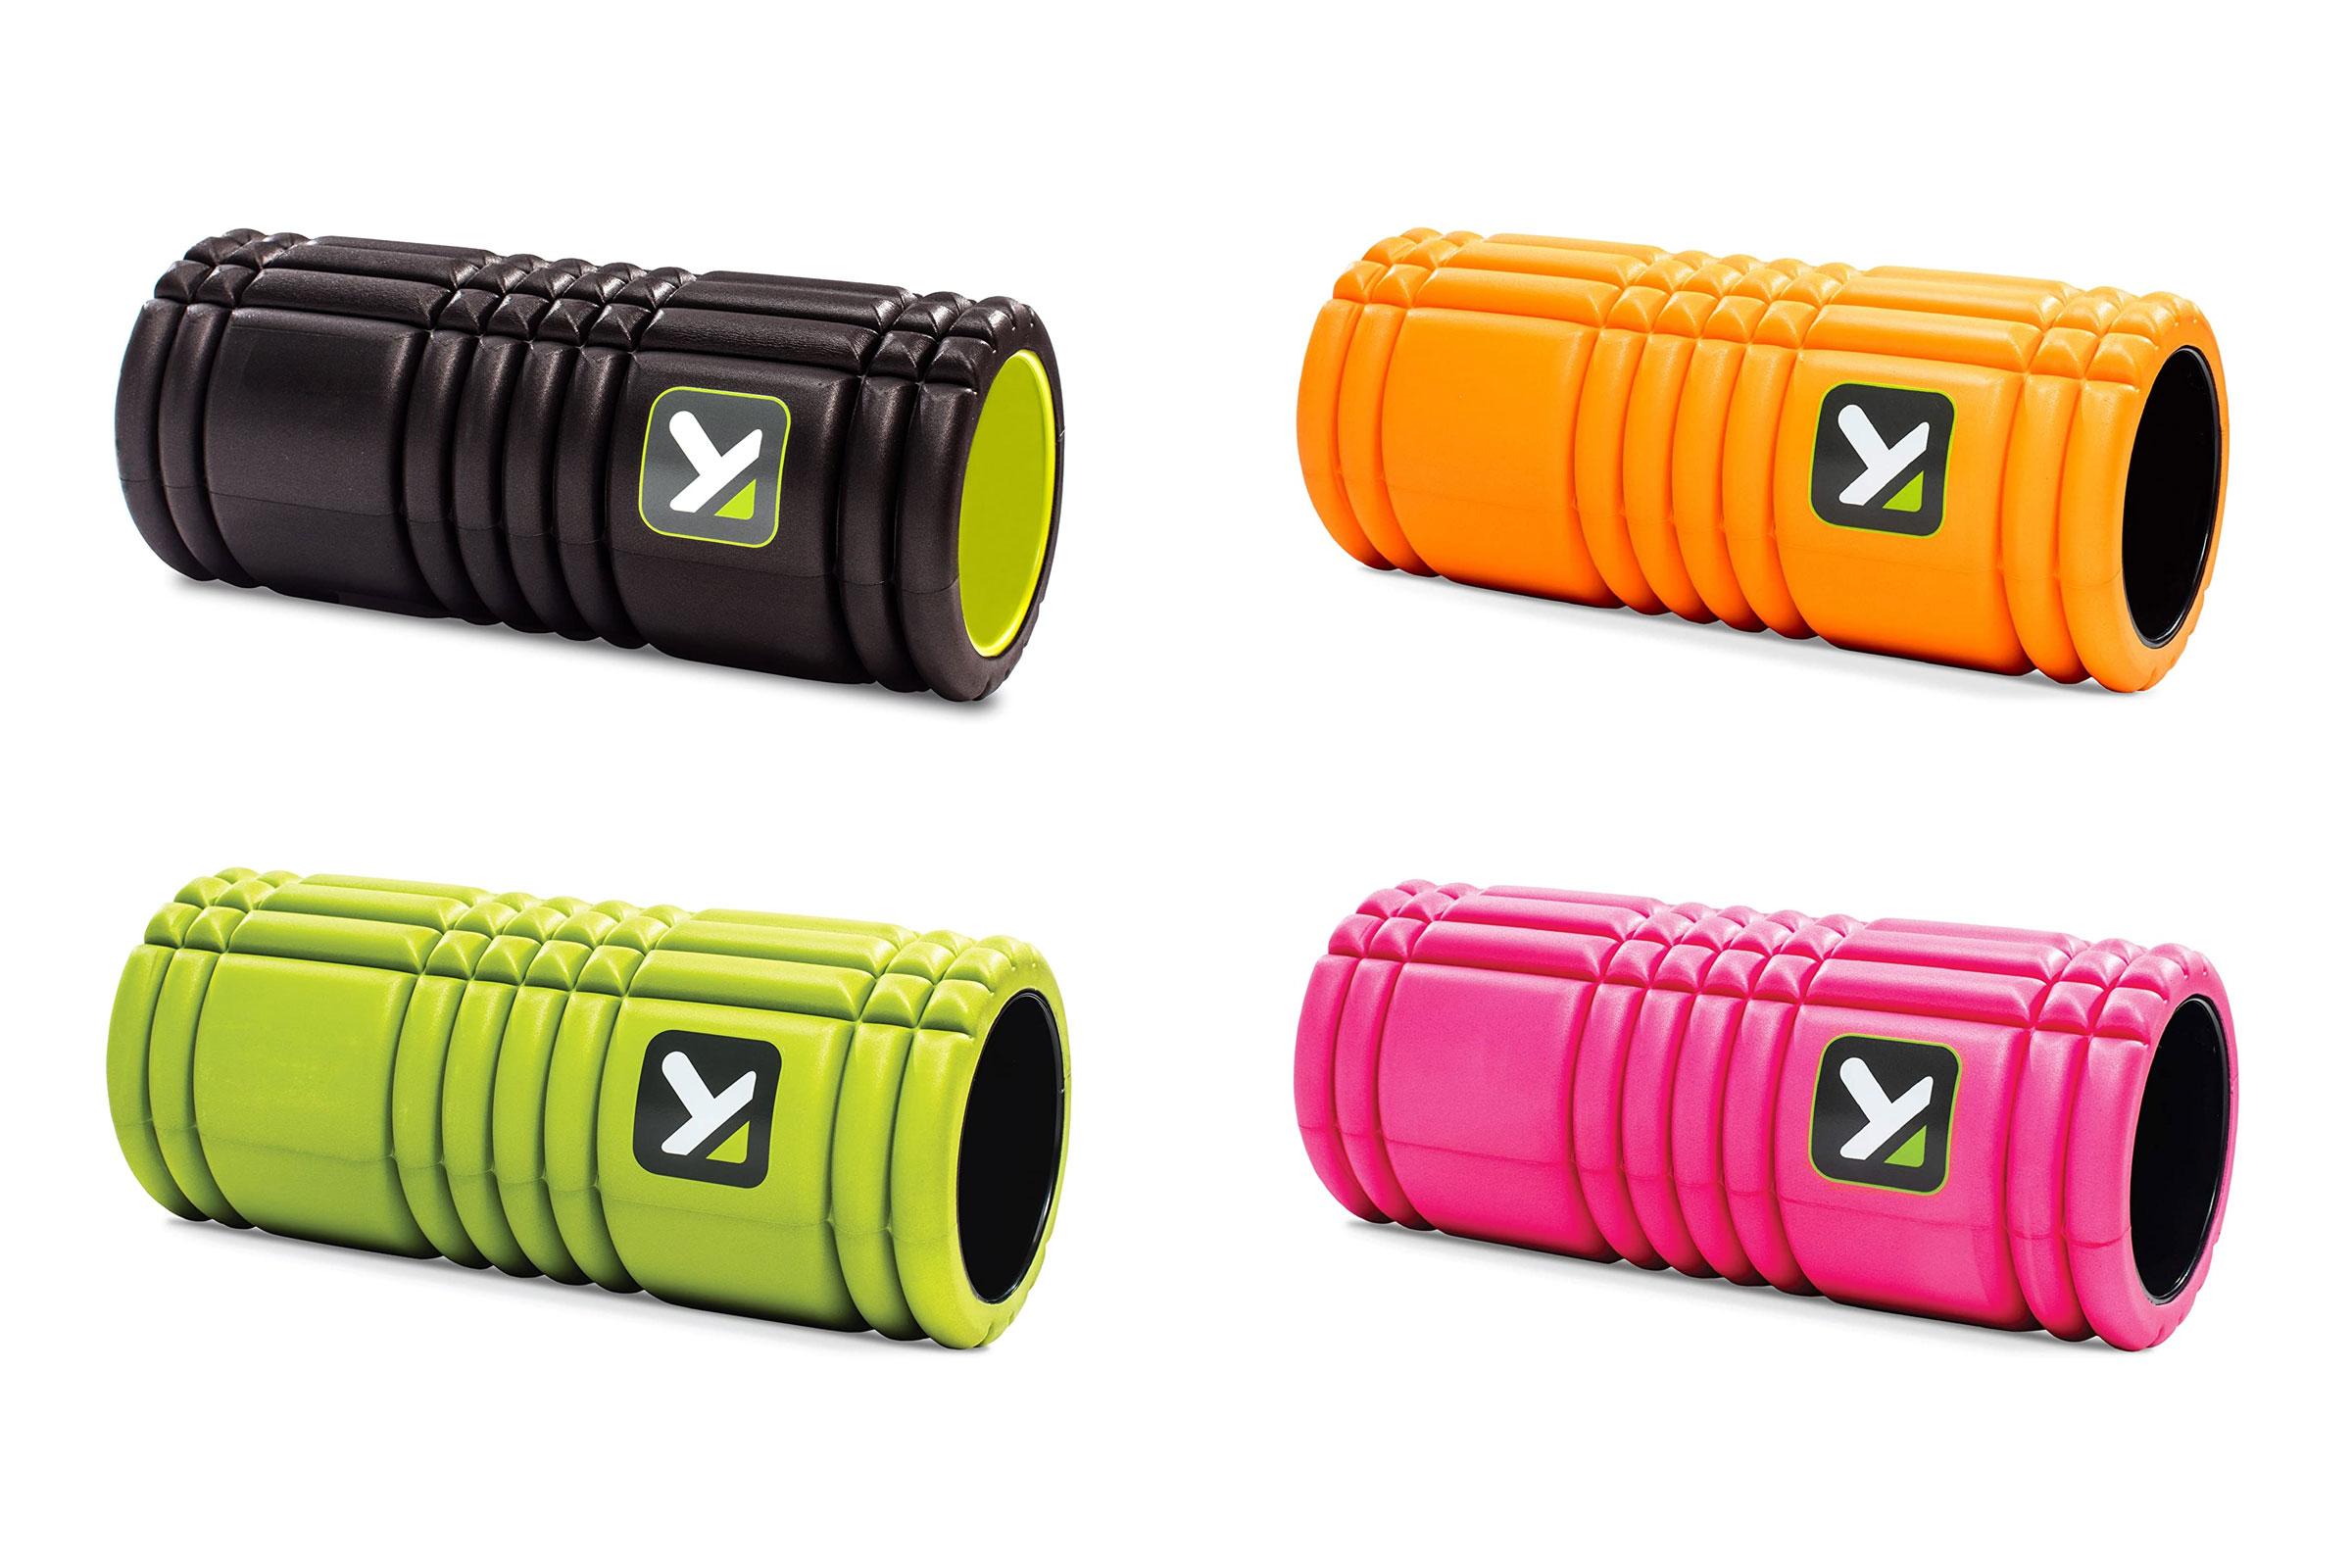 TriggerPoint GRID Foam Roller - Best Foam Roller of 2021